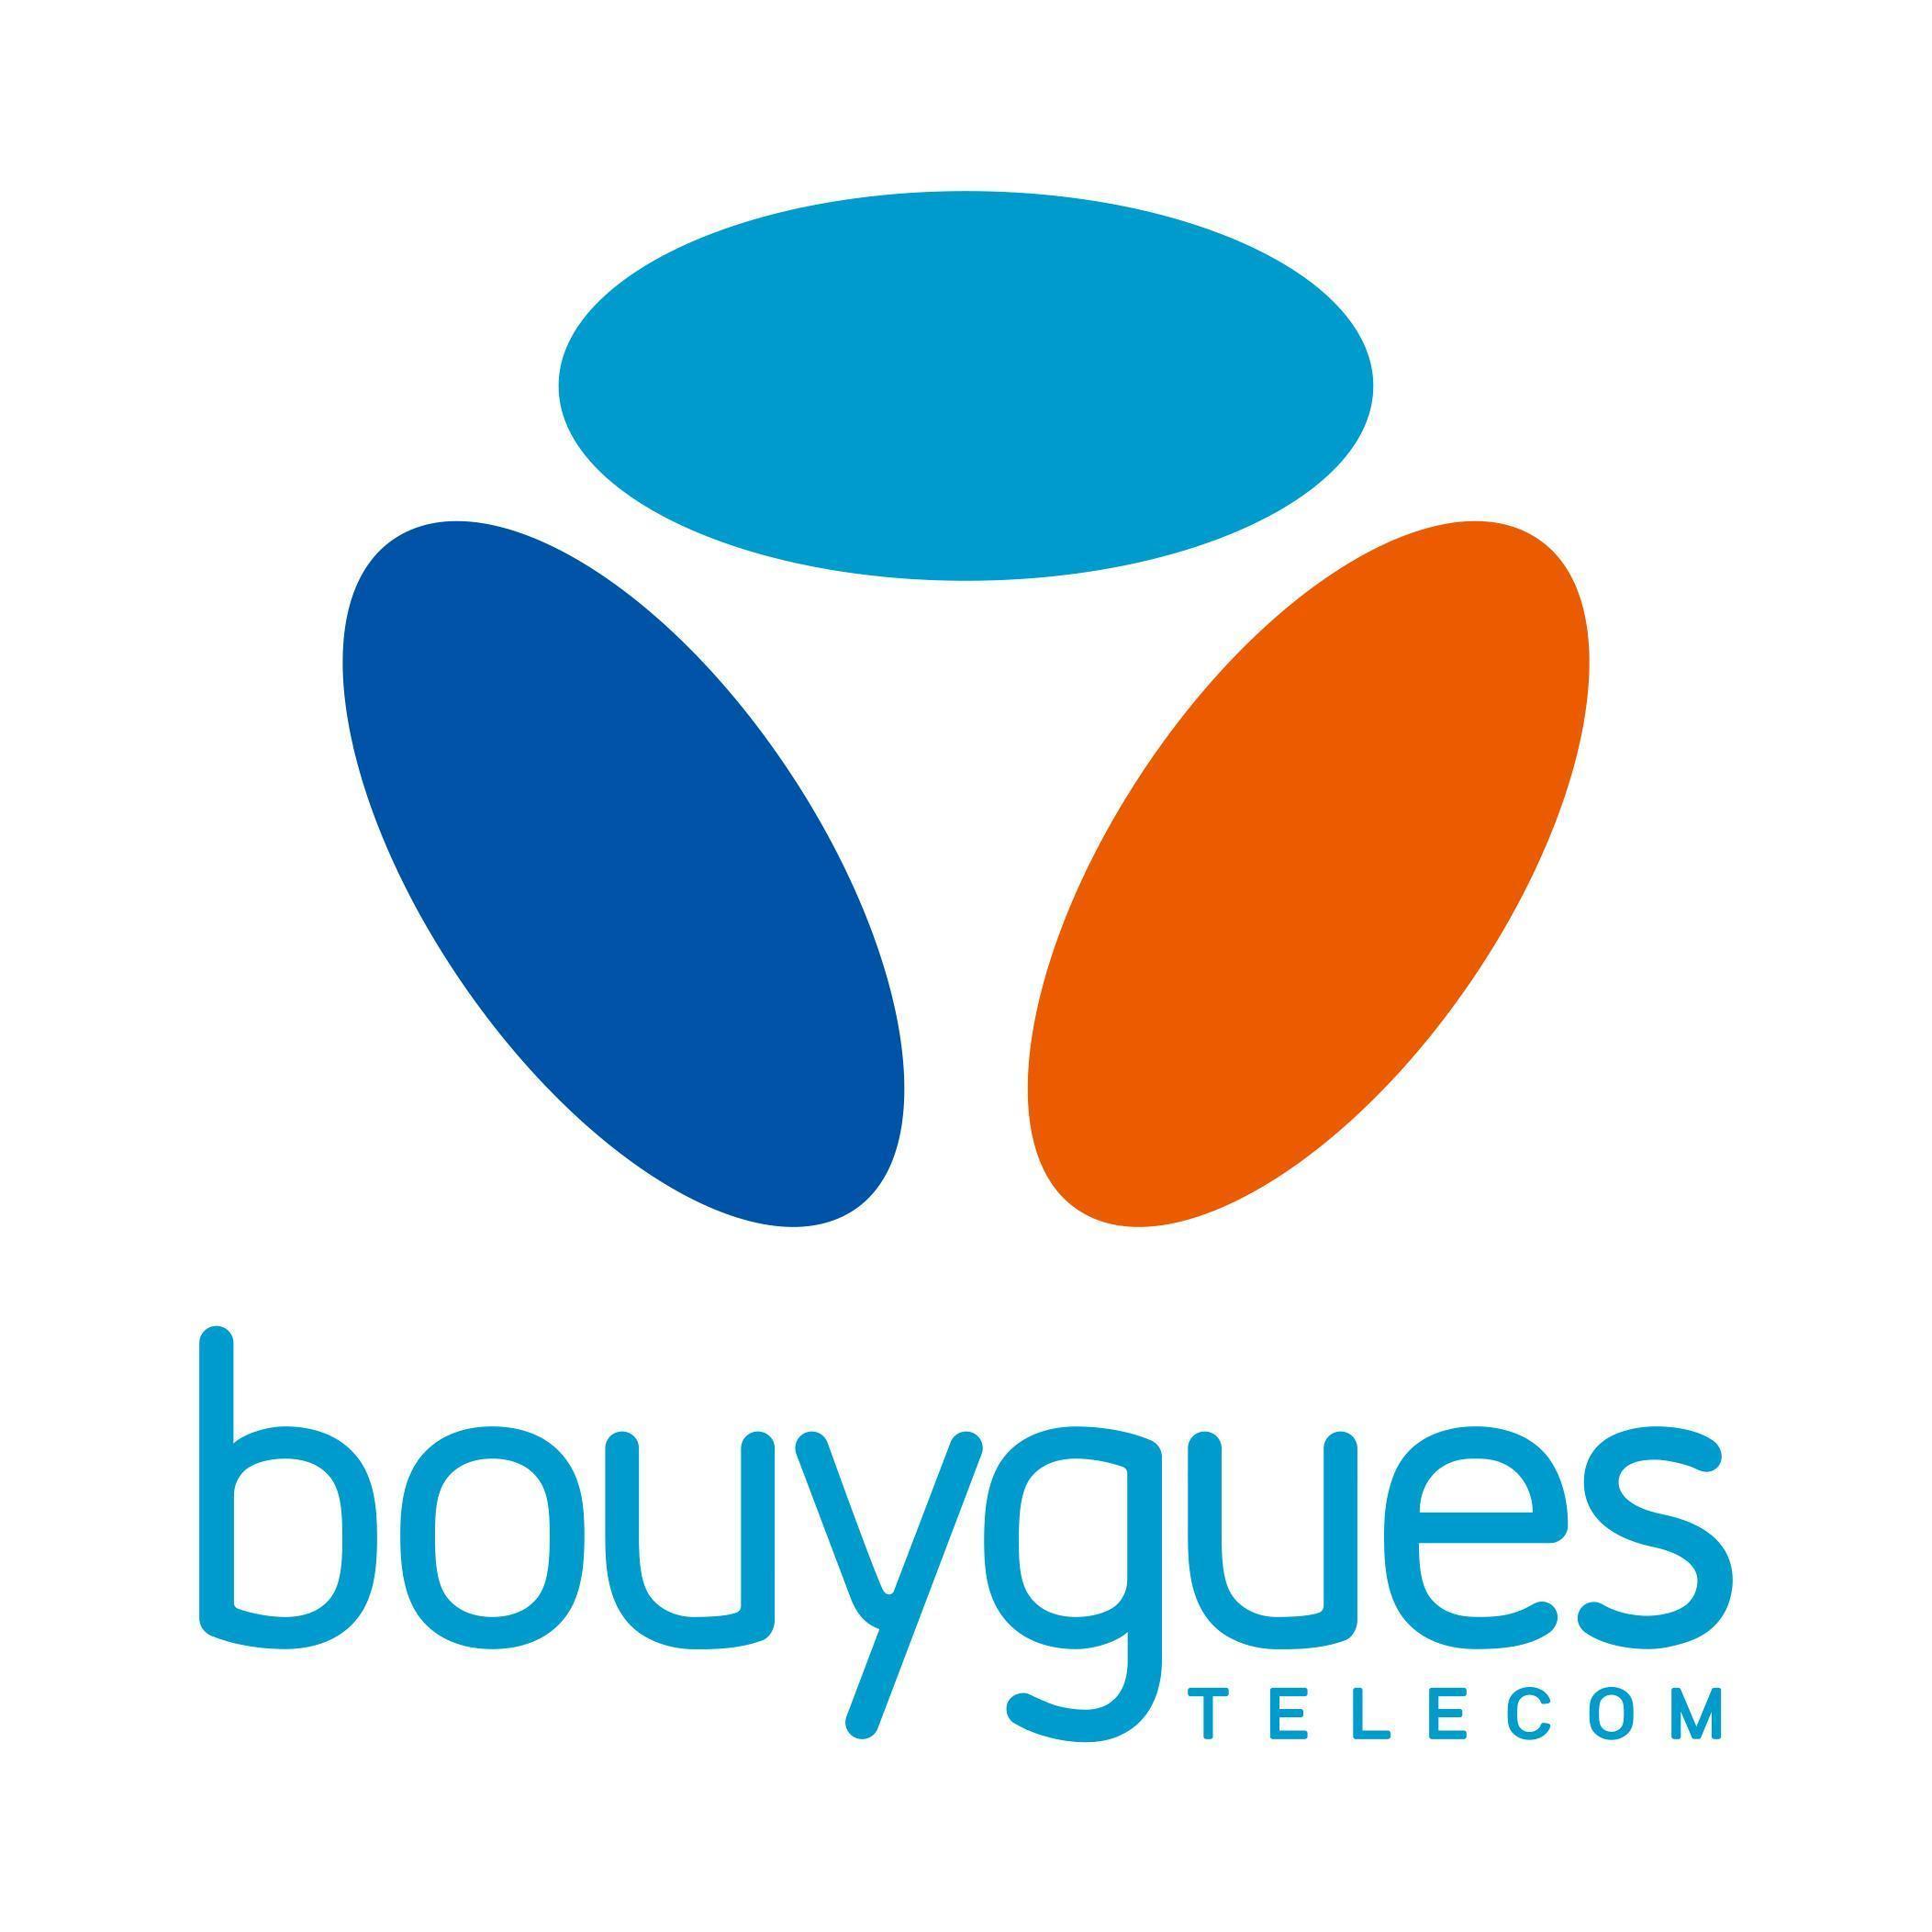 Forfait mensuel B&YOU 24/24 sans engagement avec appels/SMS illimités et 3Go pendant un an